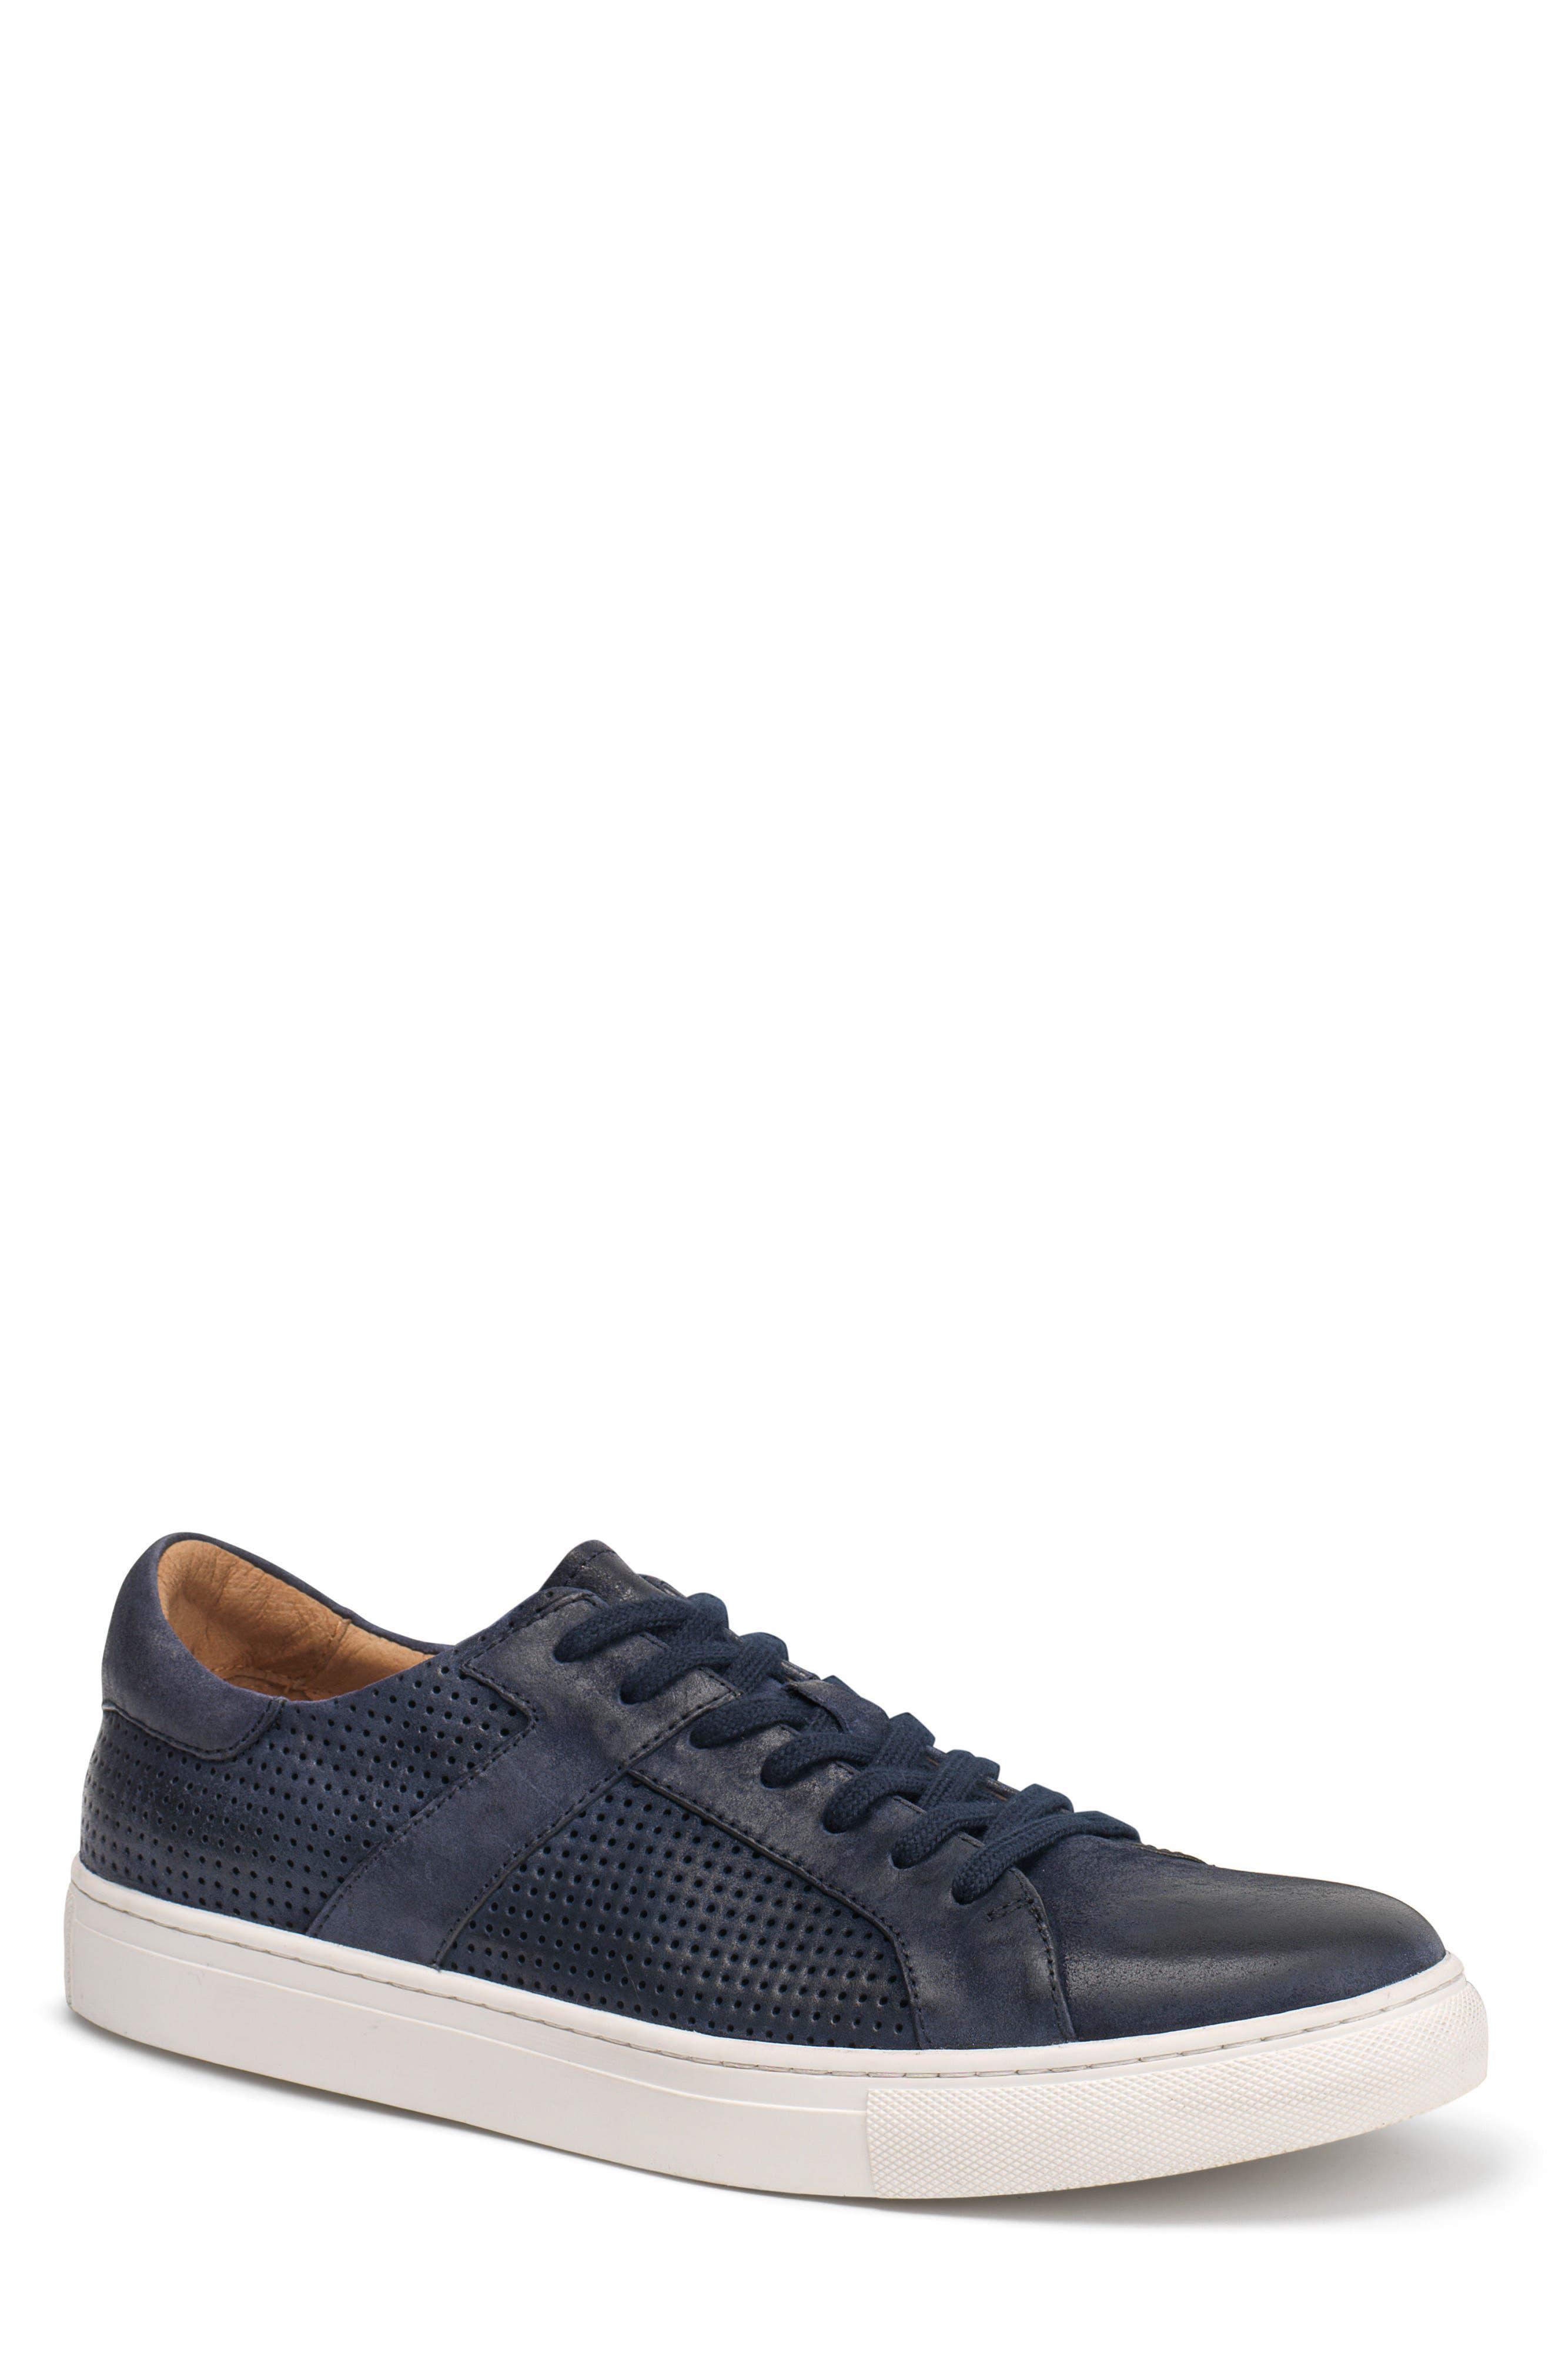 Trask Aaron Sneaker (Men)